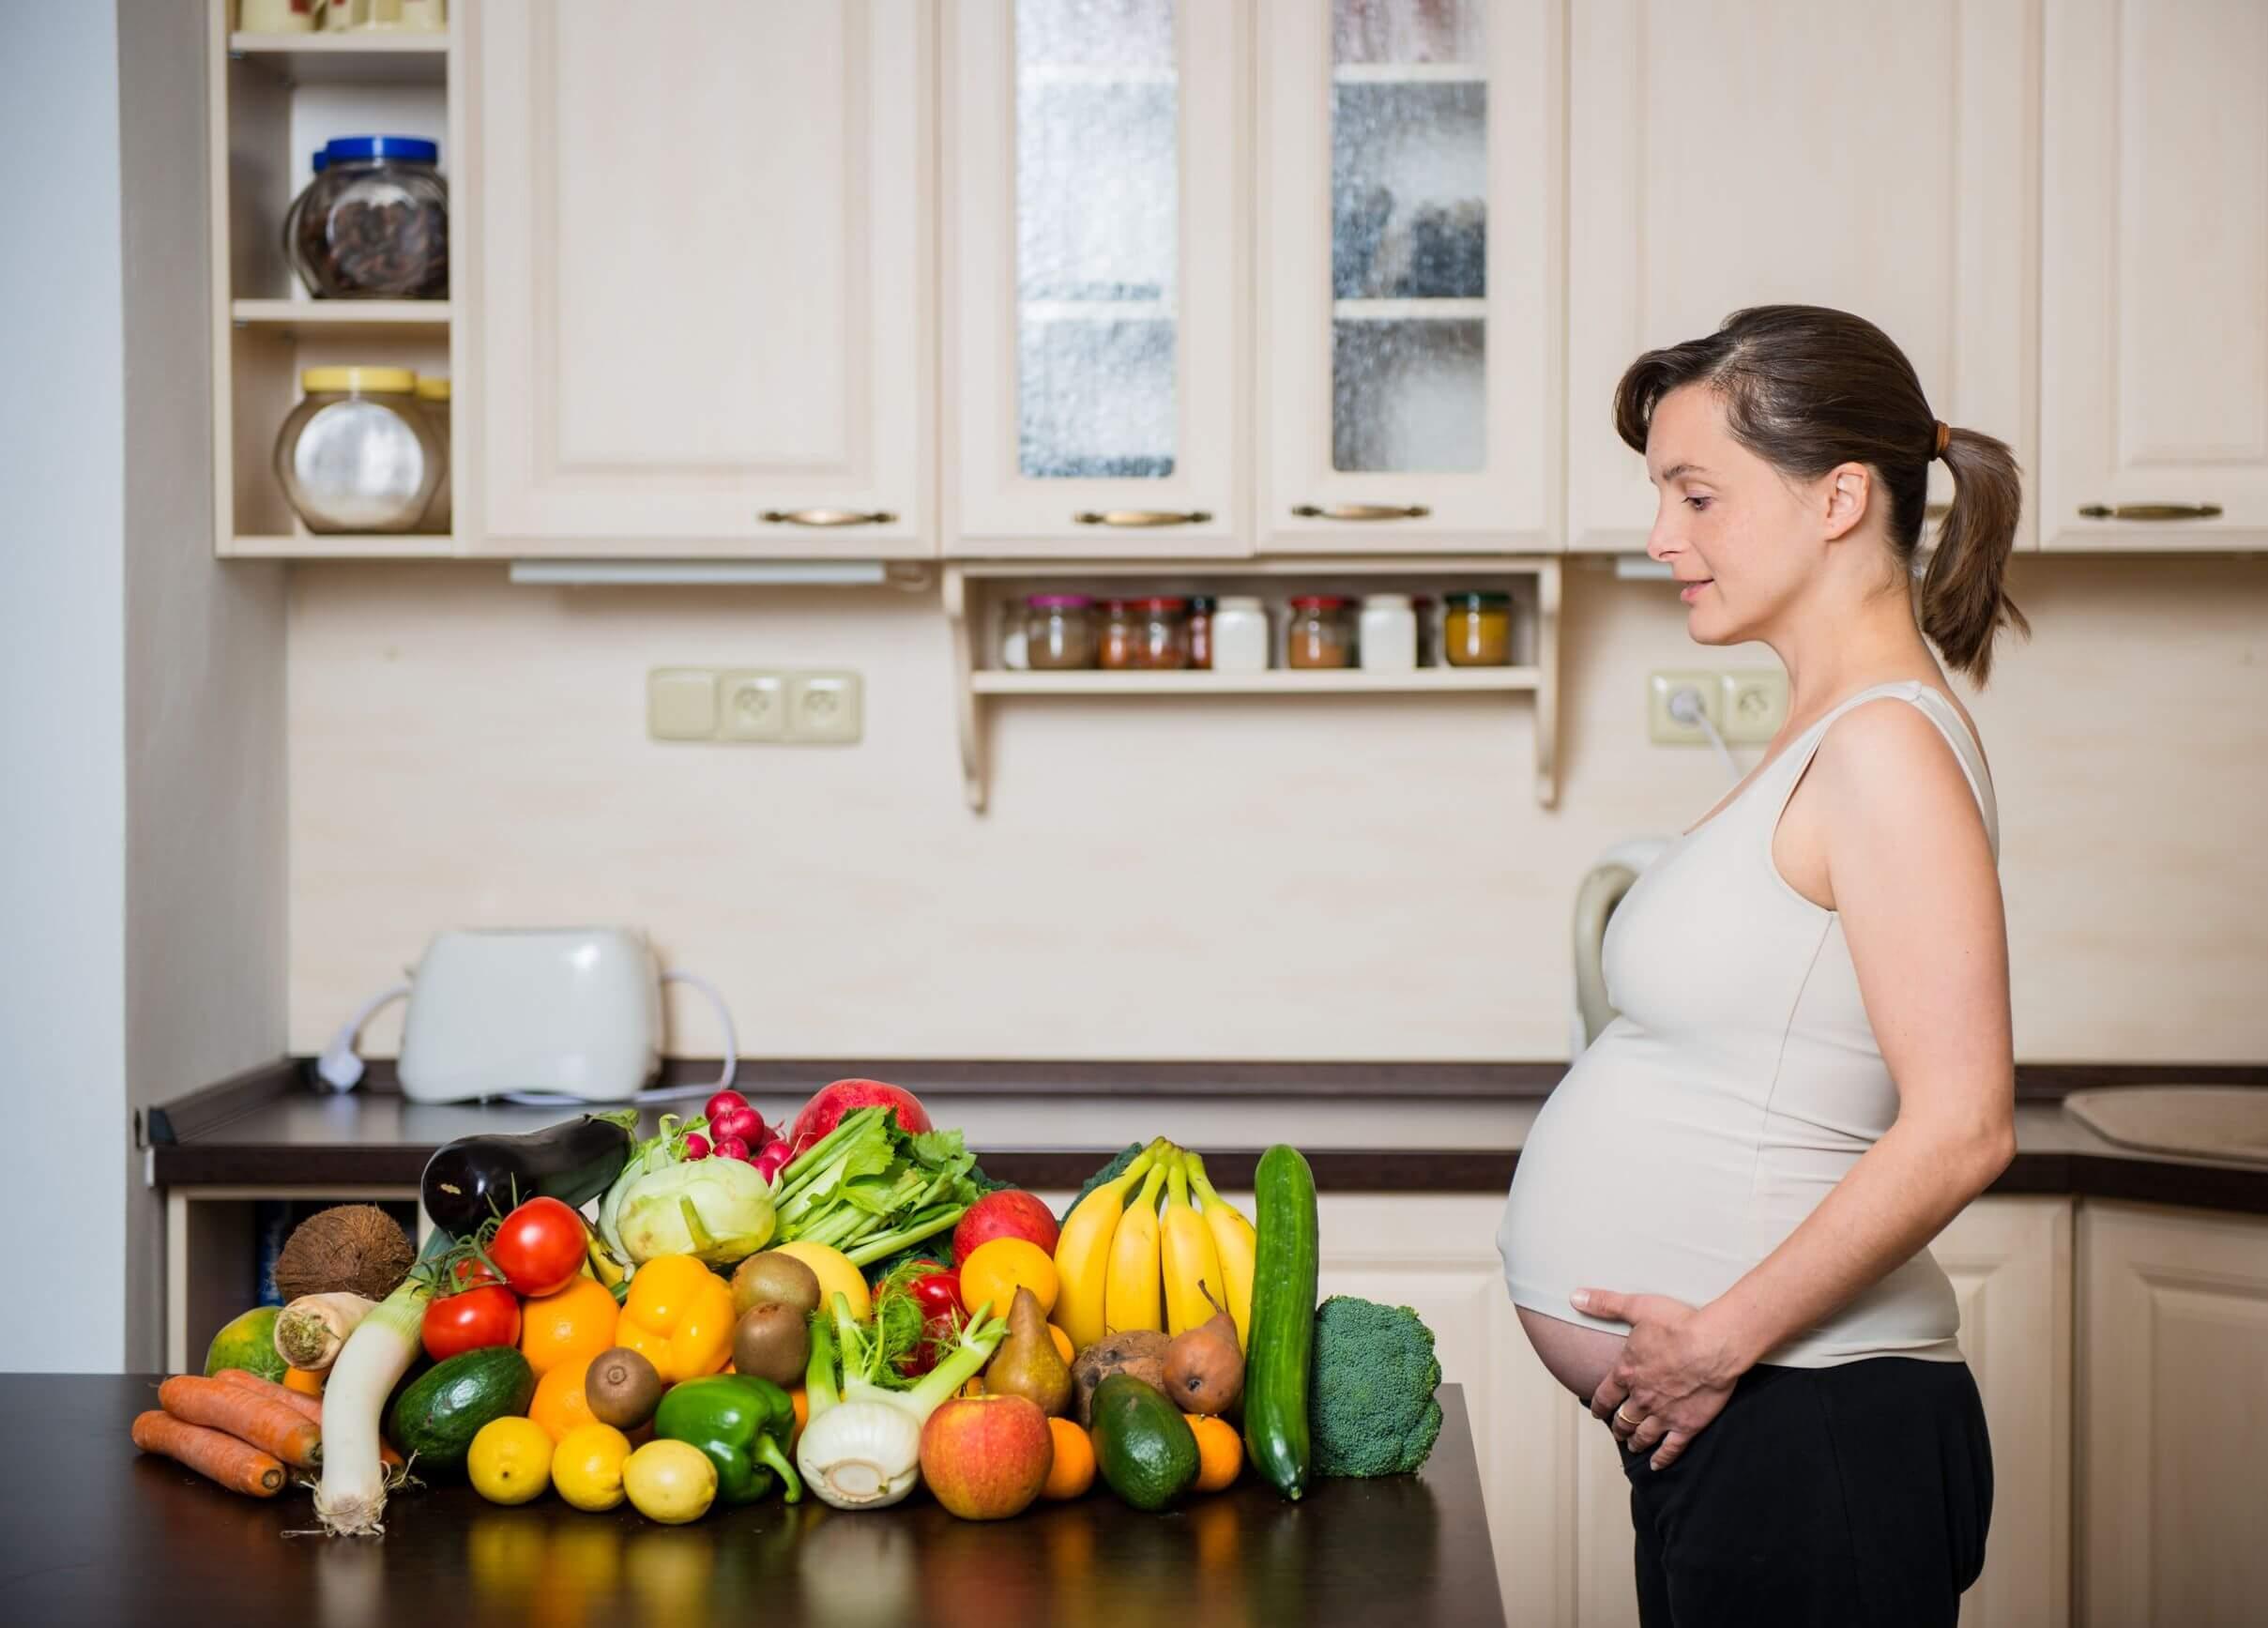 Mujer embarazada tras hacer una compra saludable con verduras de hoja verde.